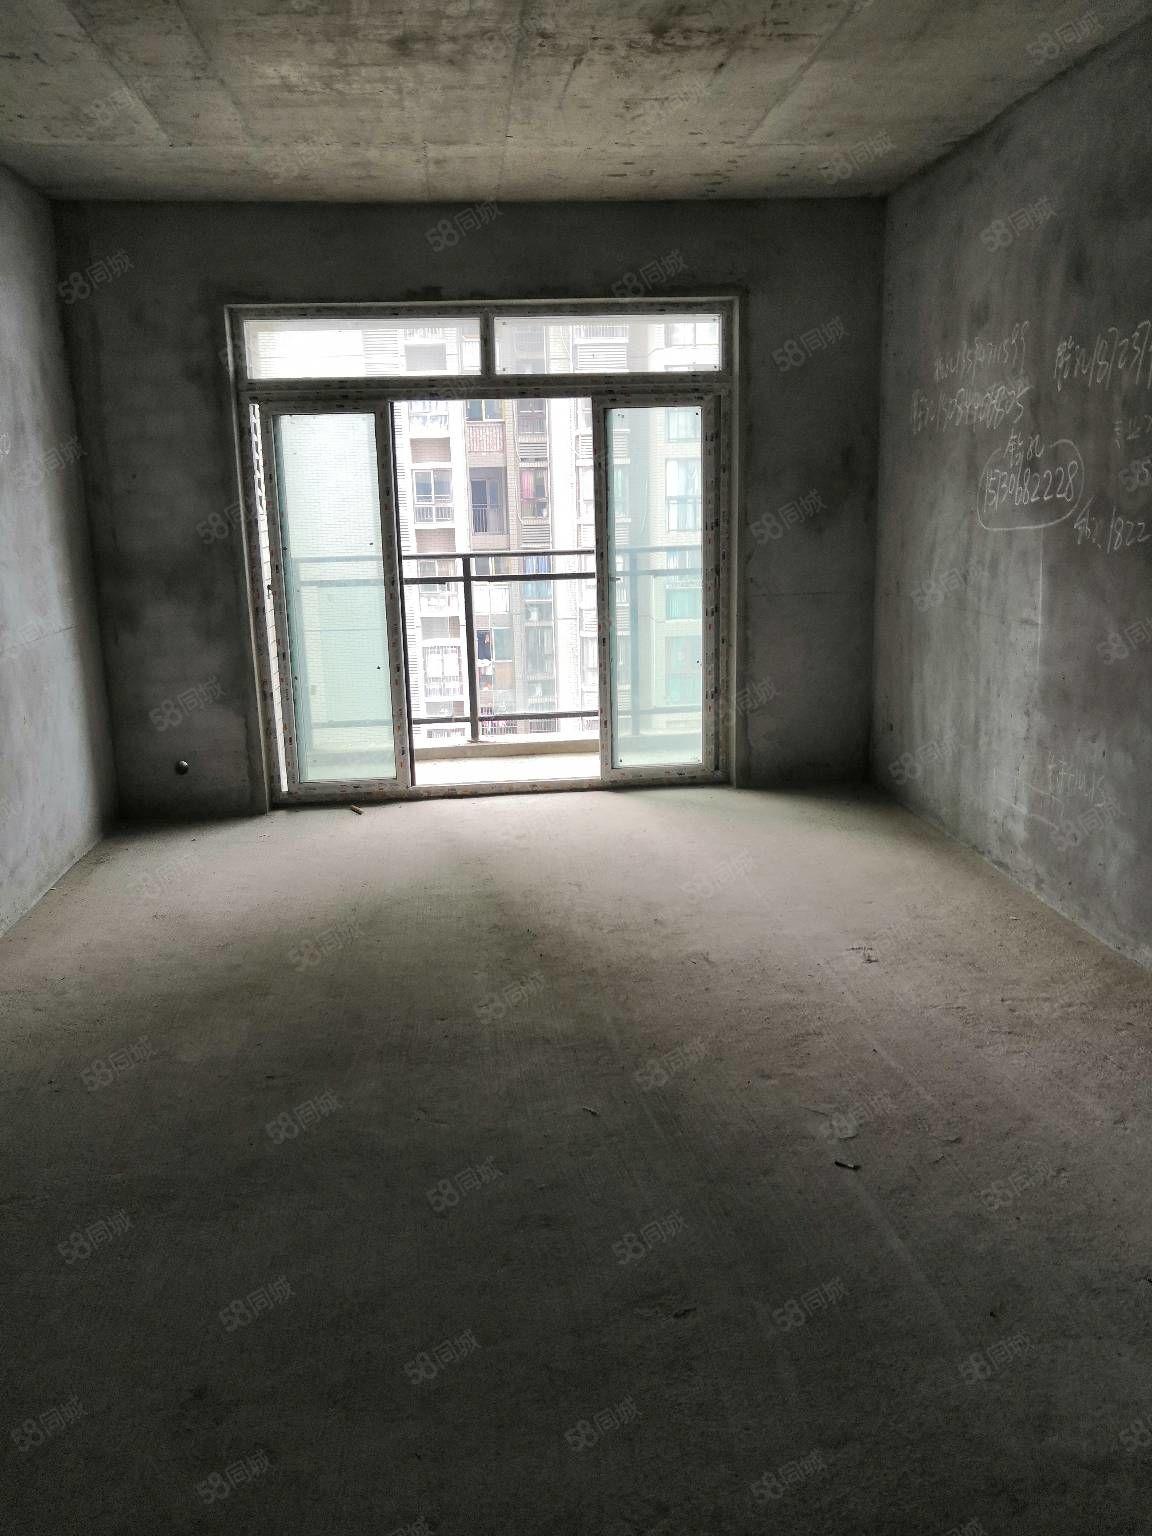 江淮房屋急卖!!三室两厅两卫一厨一阳台106平米